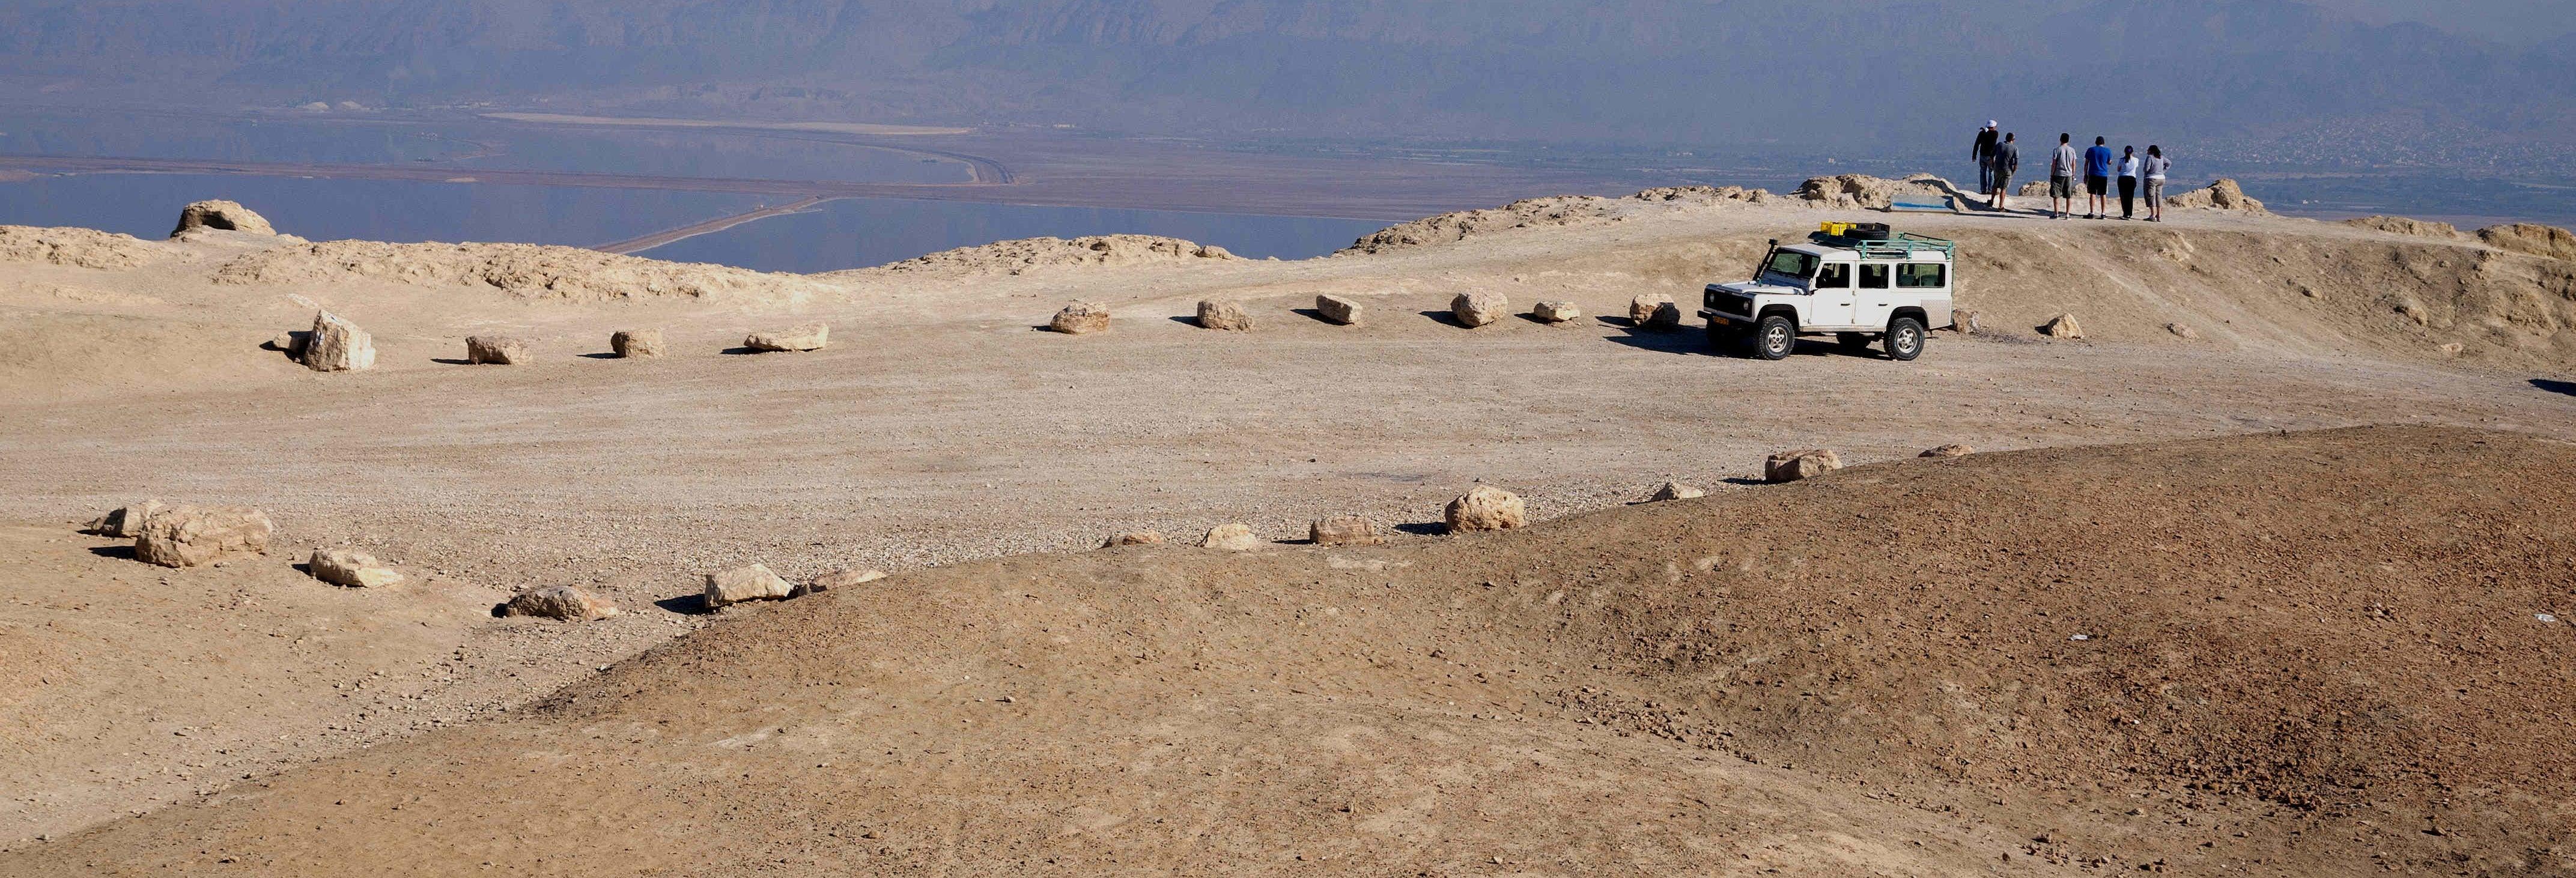 Tour en 4x4 por el desierto de Judea